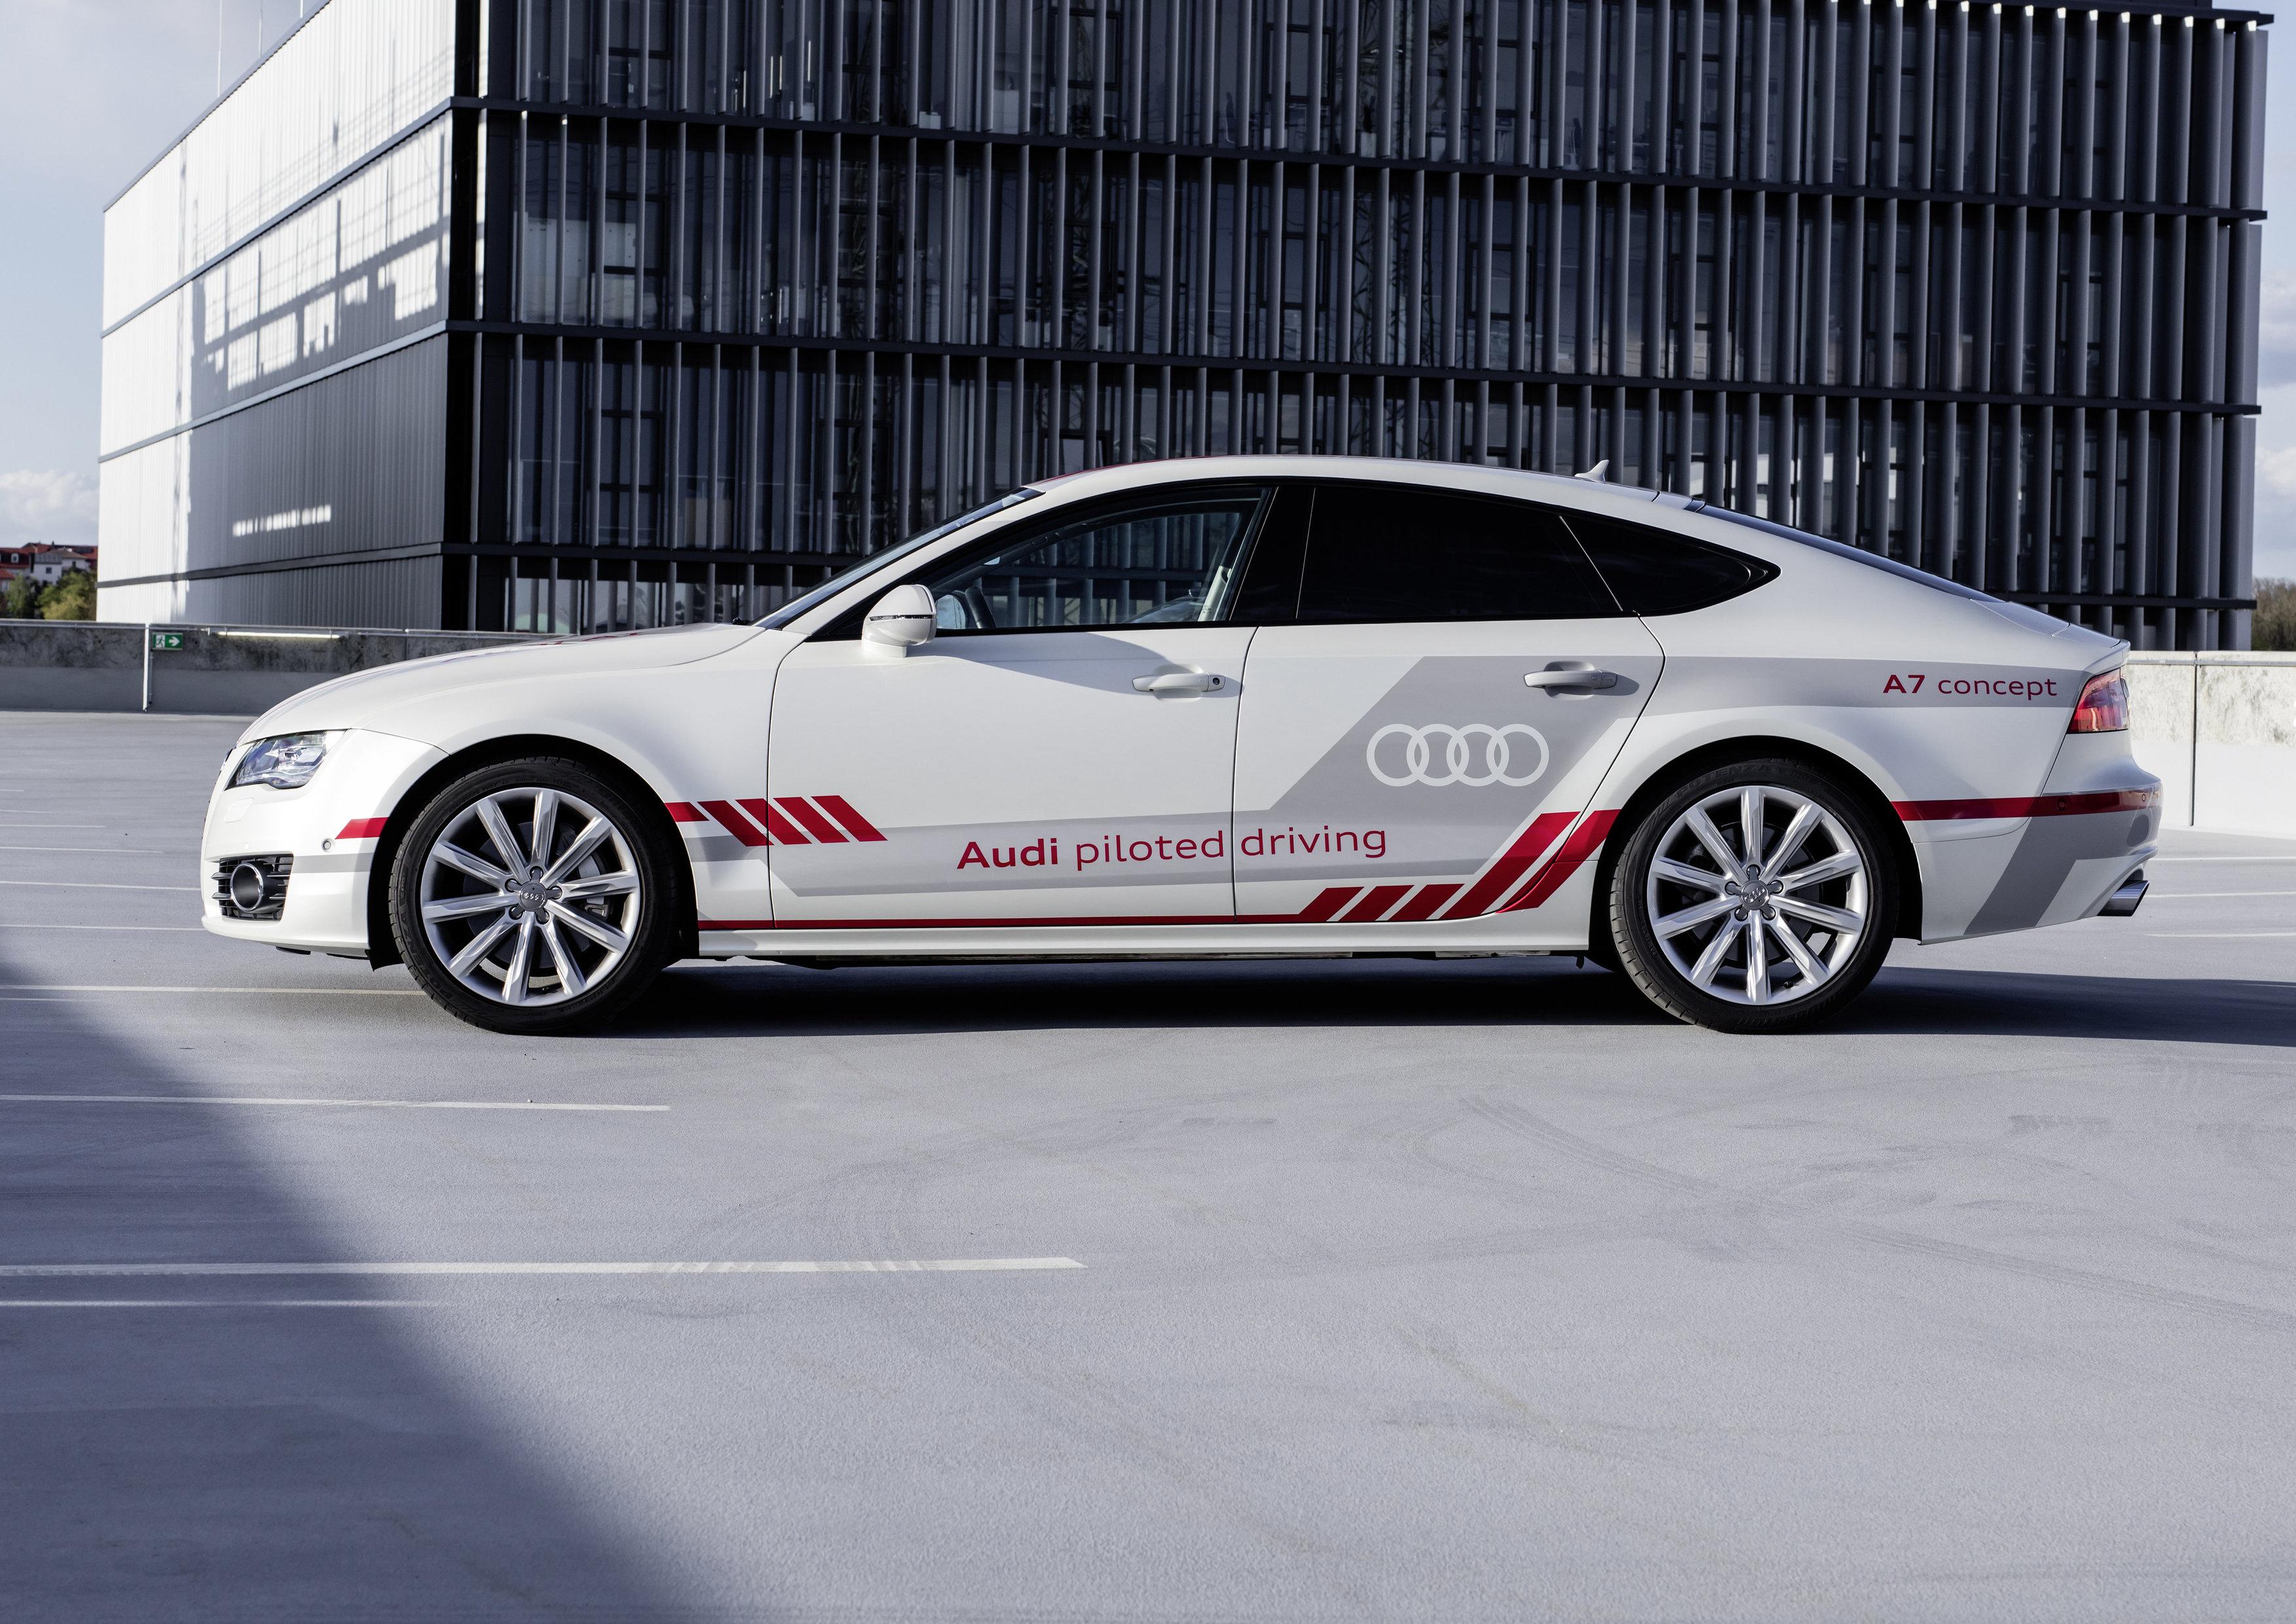 Audi A7 оснащенный автопилотом, «научился» маневрировать между авто 1